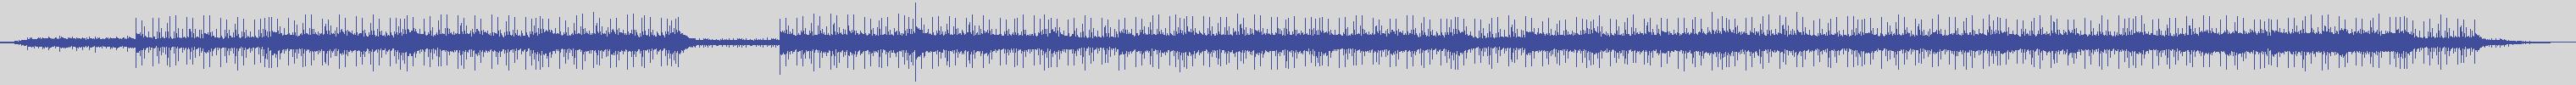 just_digital_records [JS1224] Nikon - Broken Heart [Original Mix] audio wave form